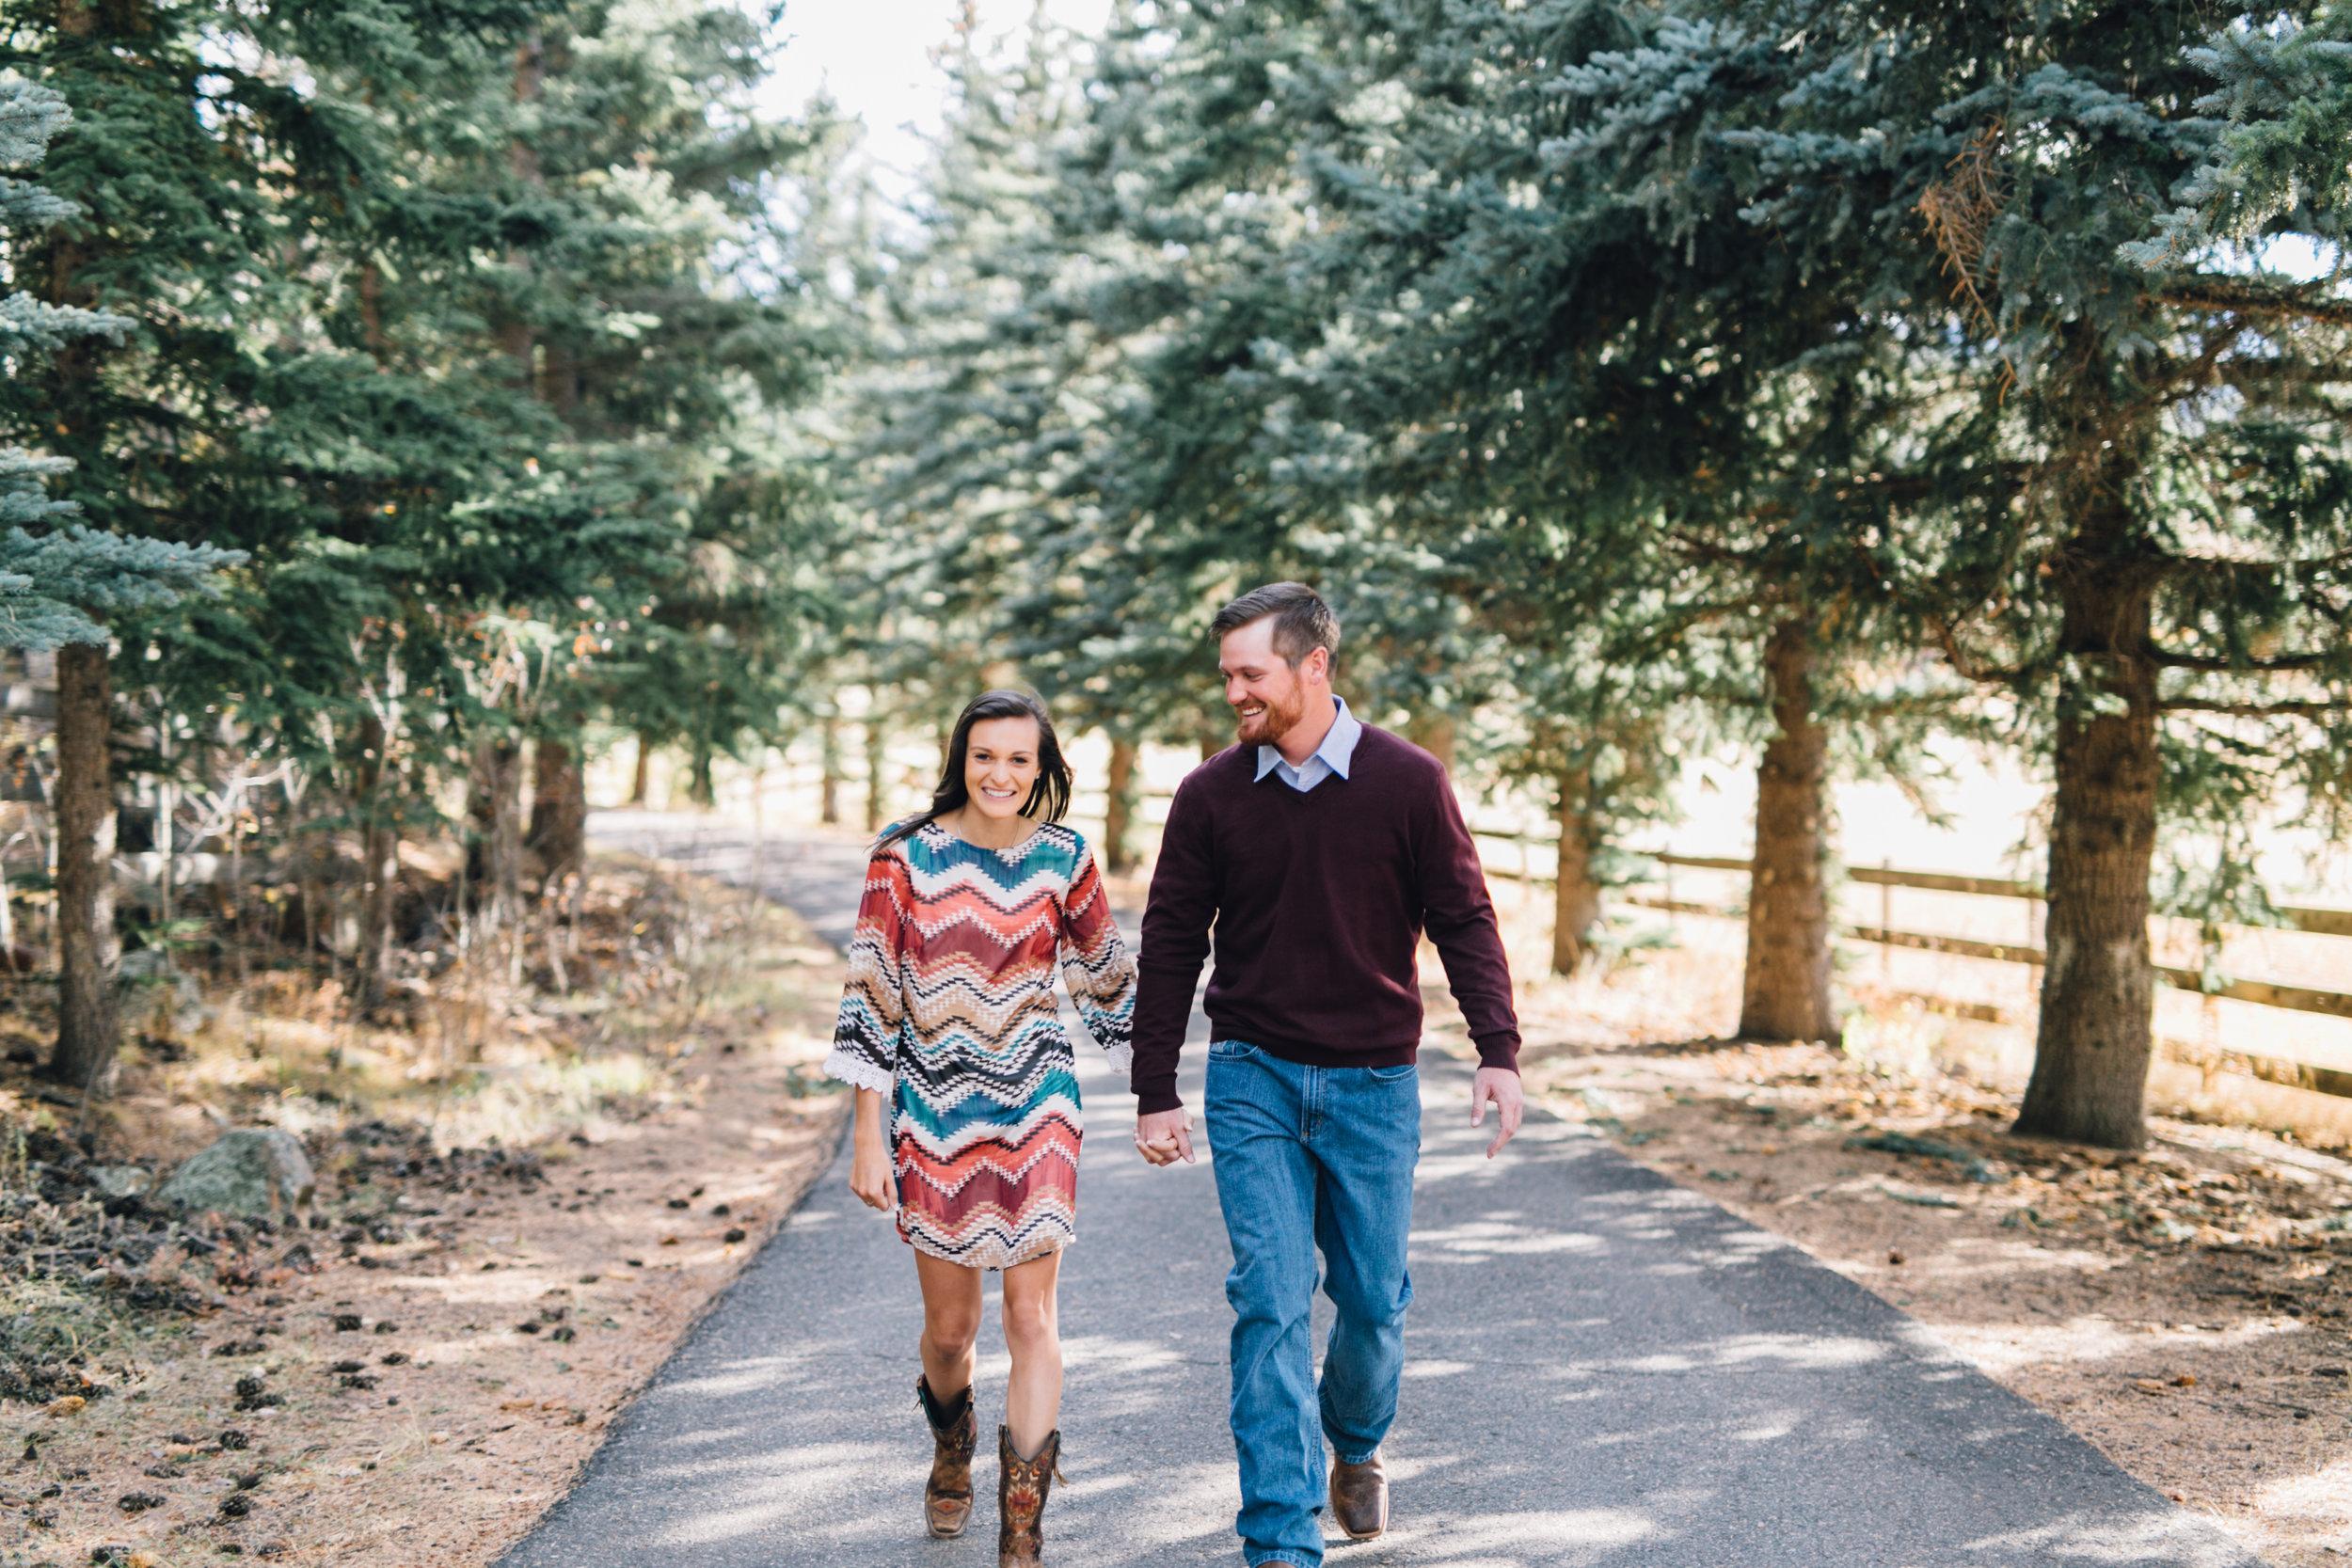 Natalie&StuartEngagement-5.jpg